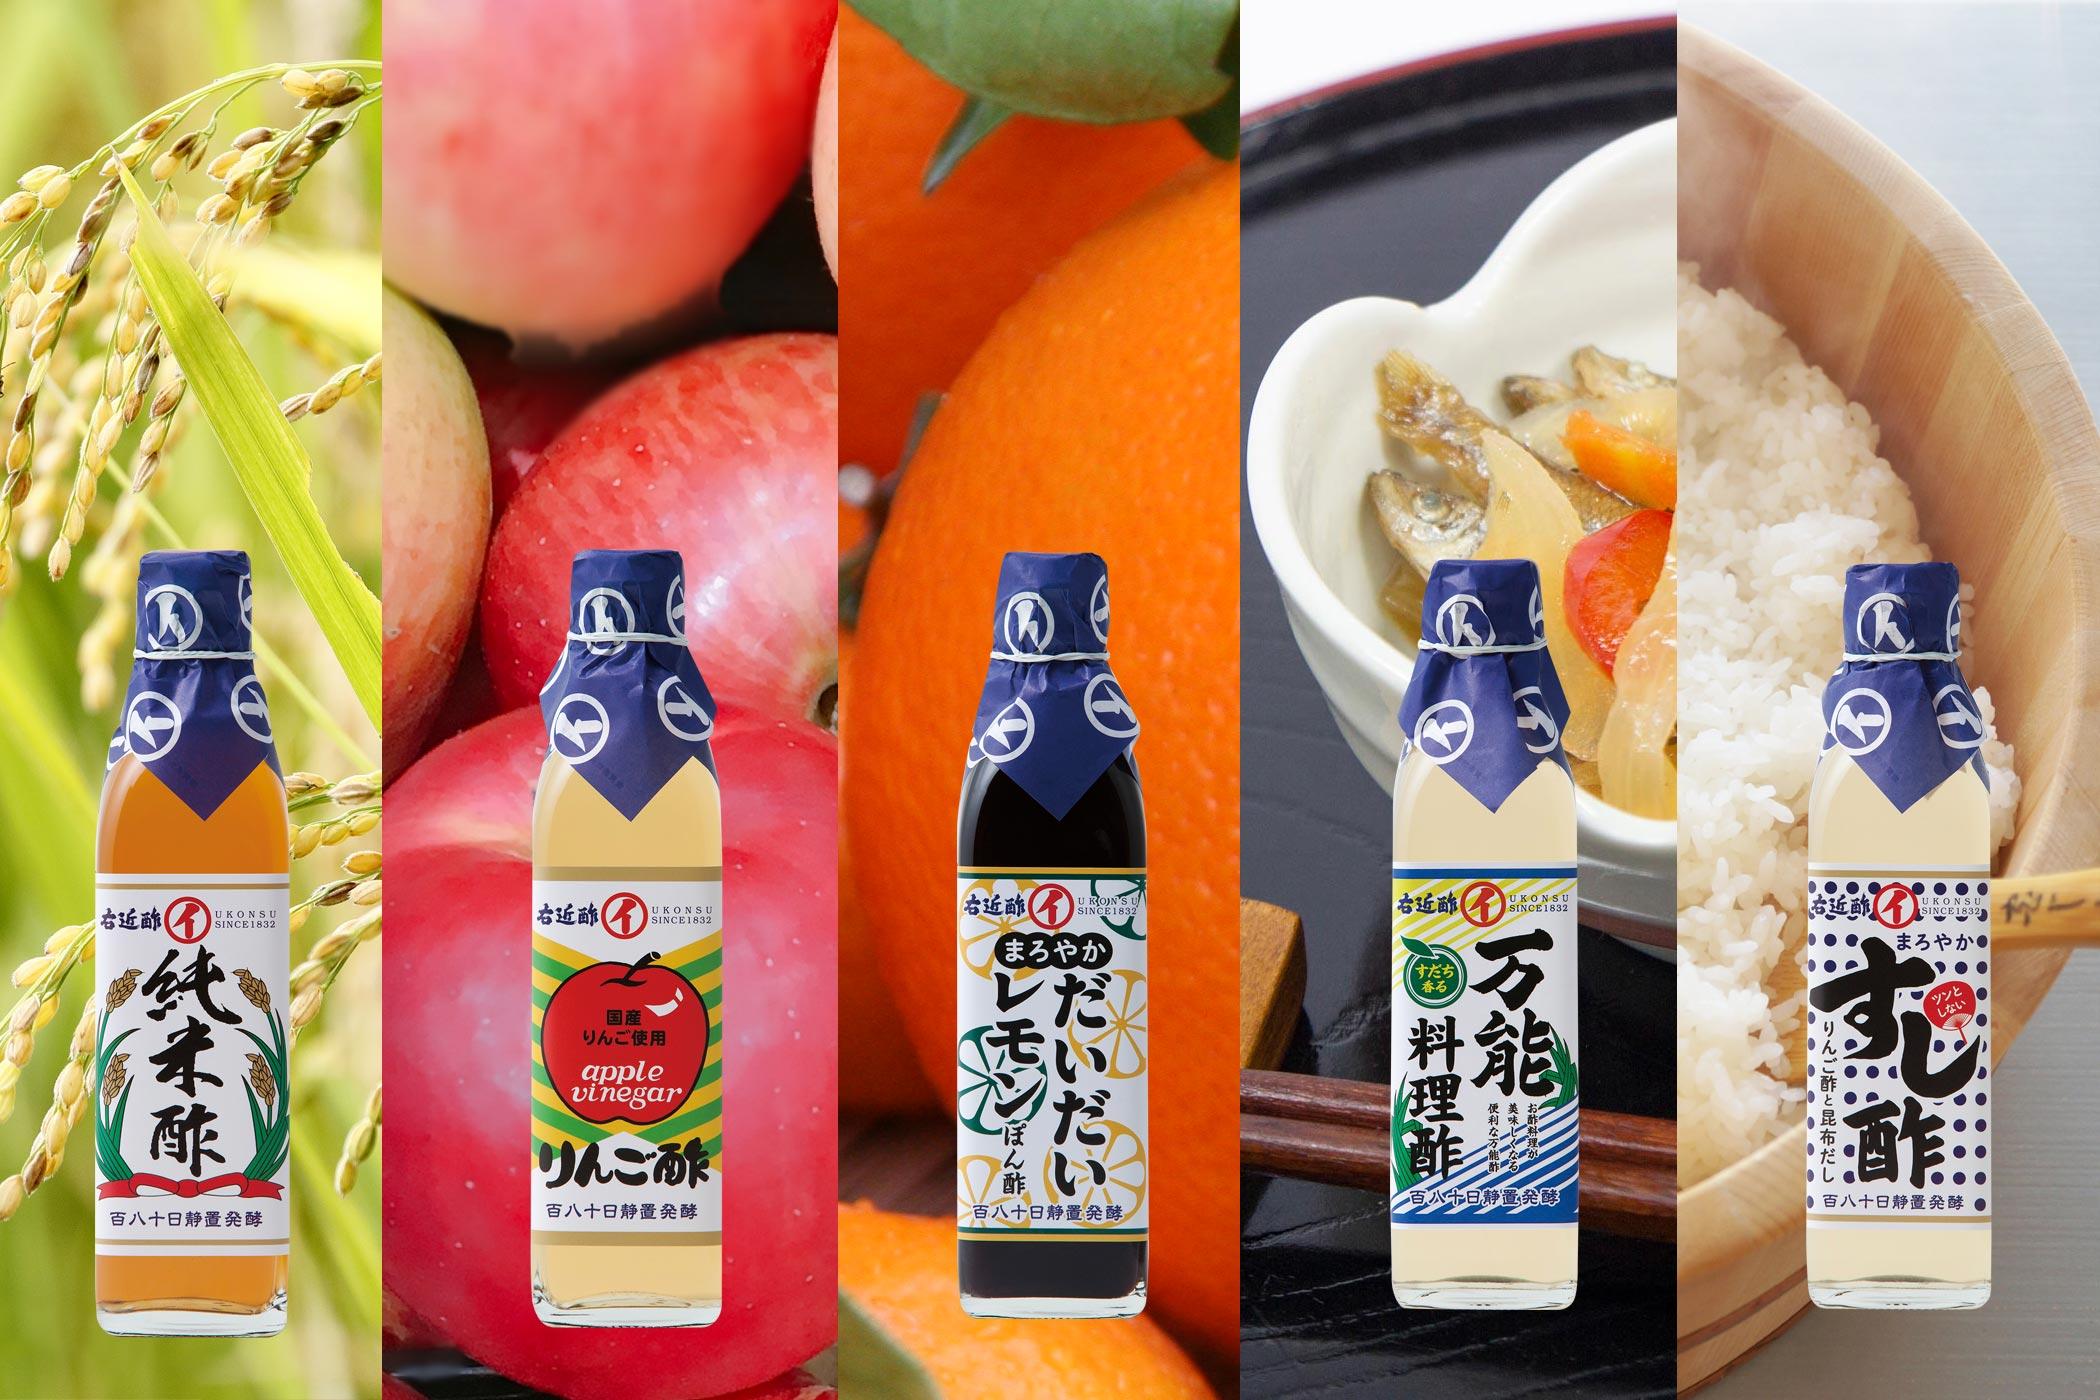 右近の純米酢・りんご酢・橙レモンぽん酢・万能料理酢・すし酢